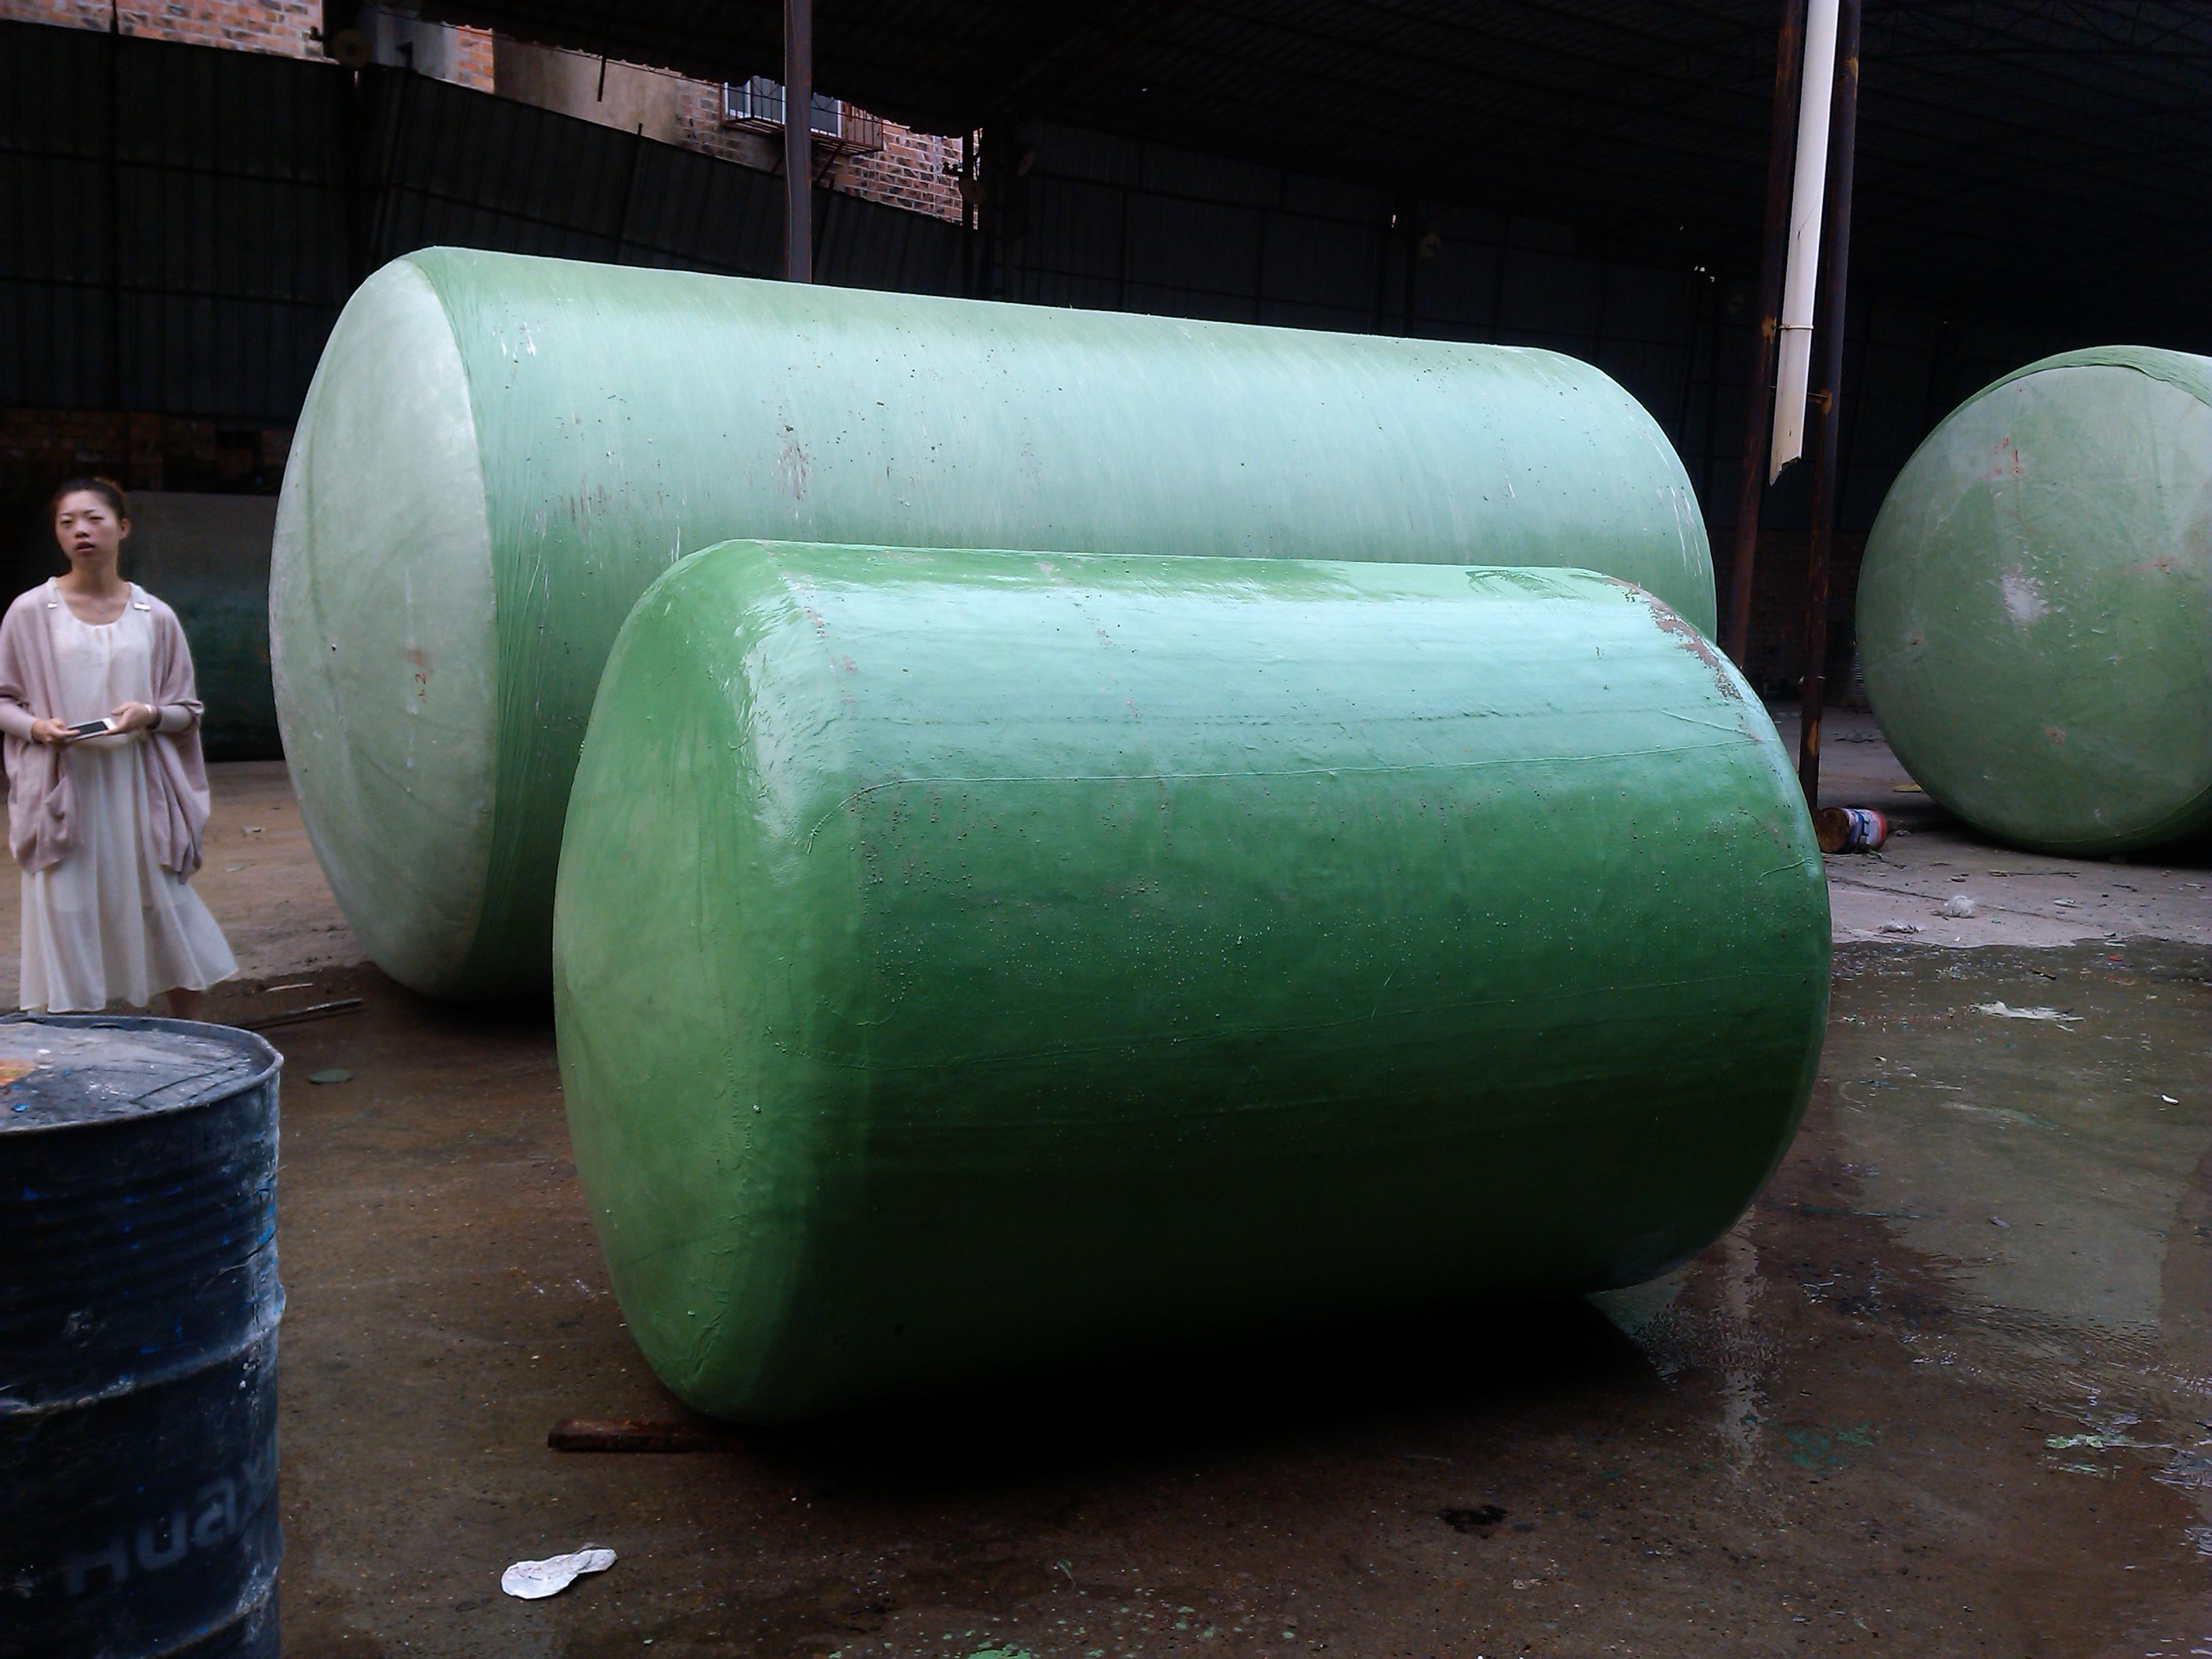 供应桂林市玻璃钢隔油池厂家直销